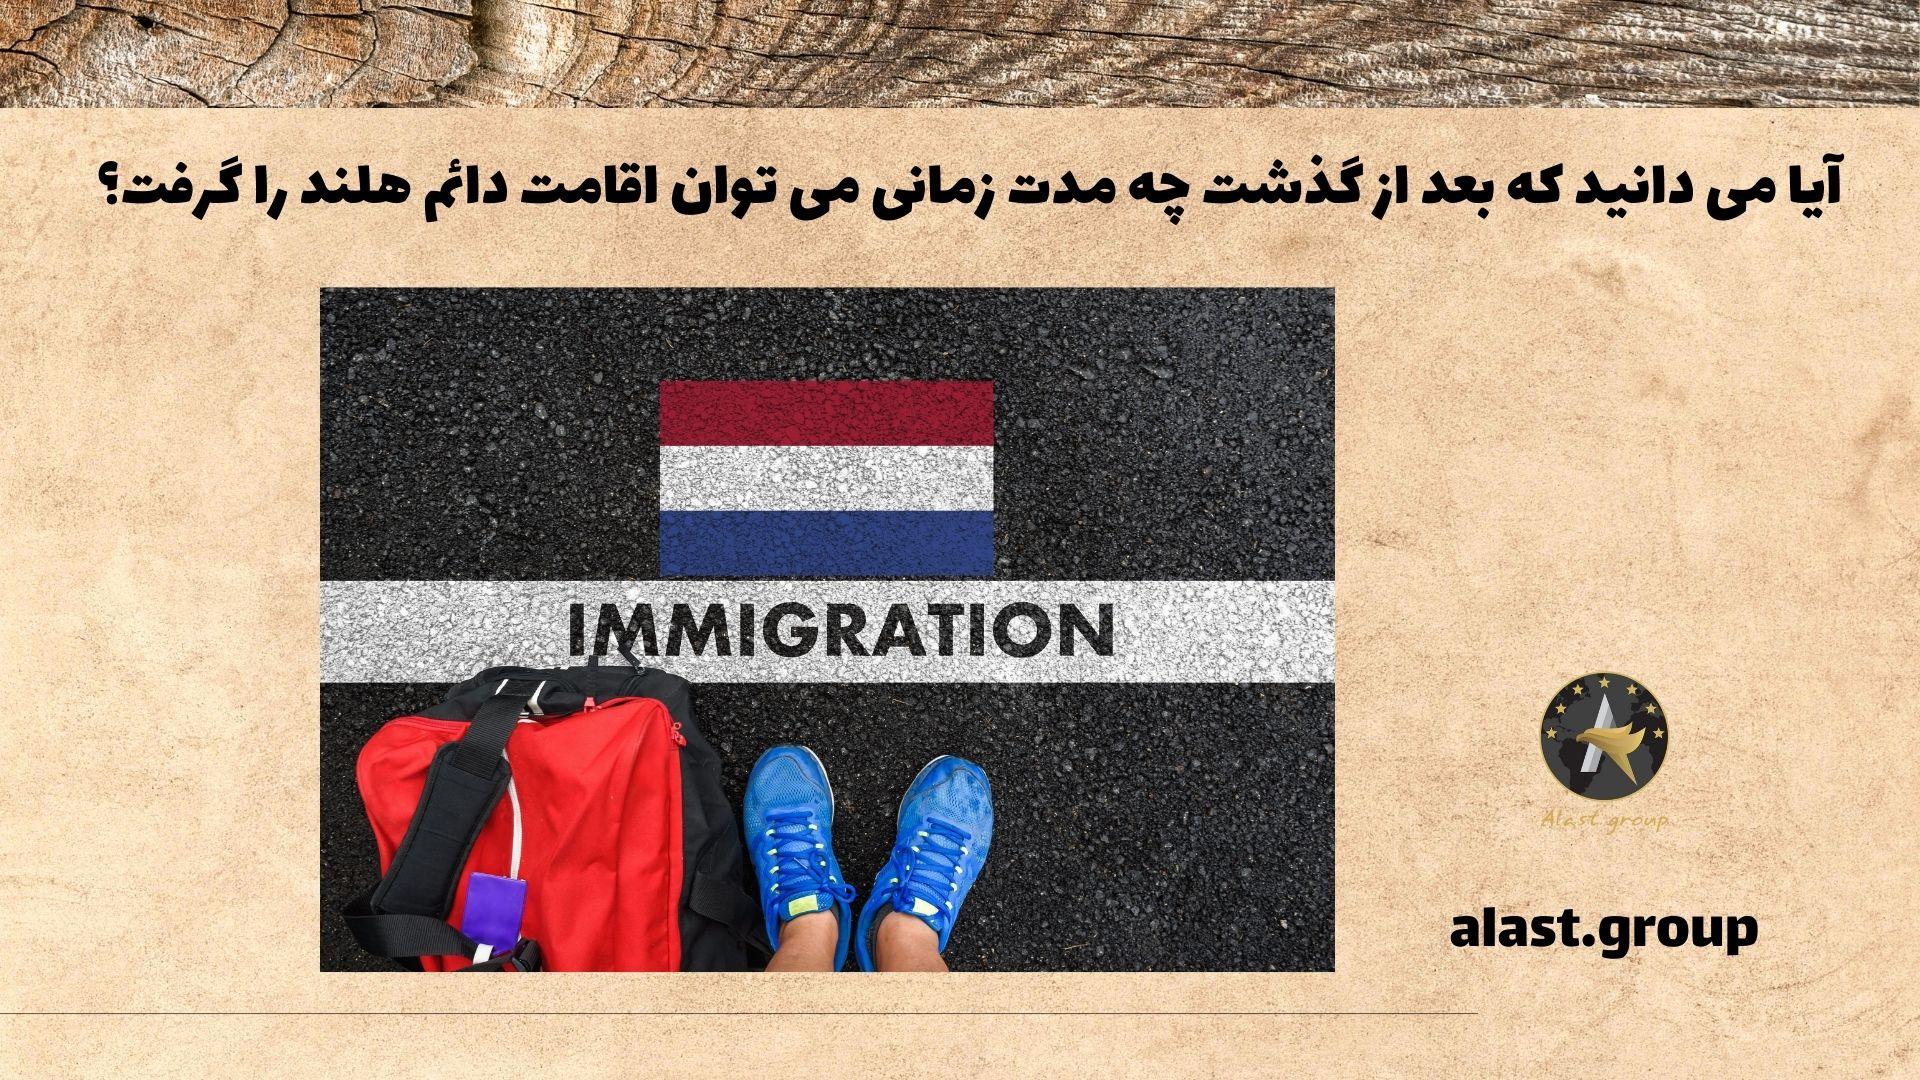 آیا می دانید که بعد از گذشت چه مدت زمانی می توان اقامت دائم هلند را گرفت؟